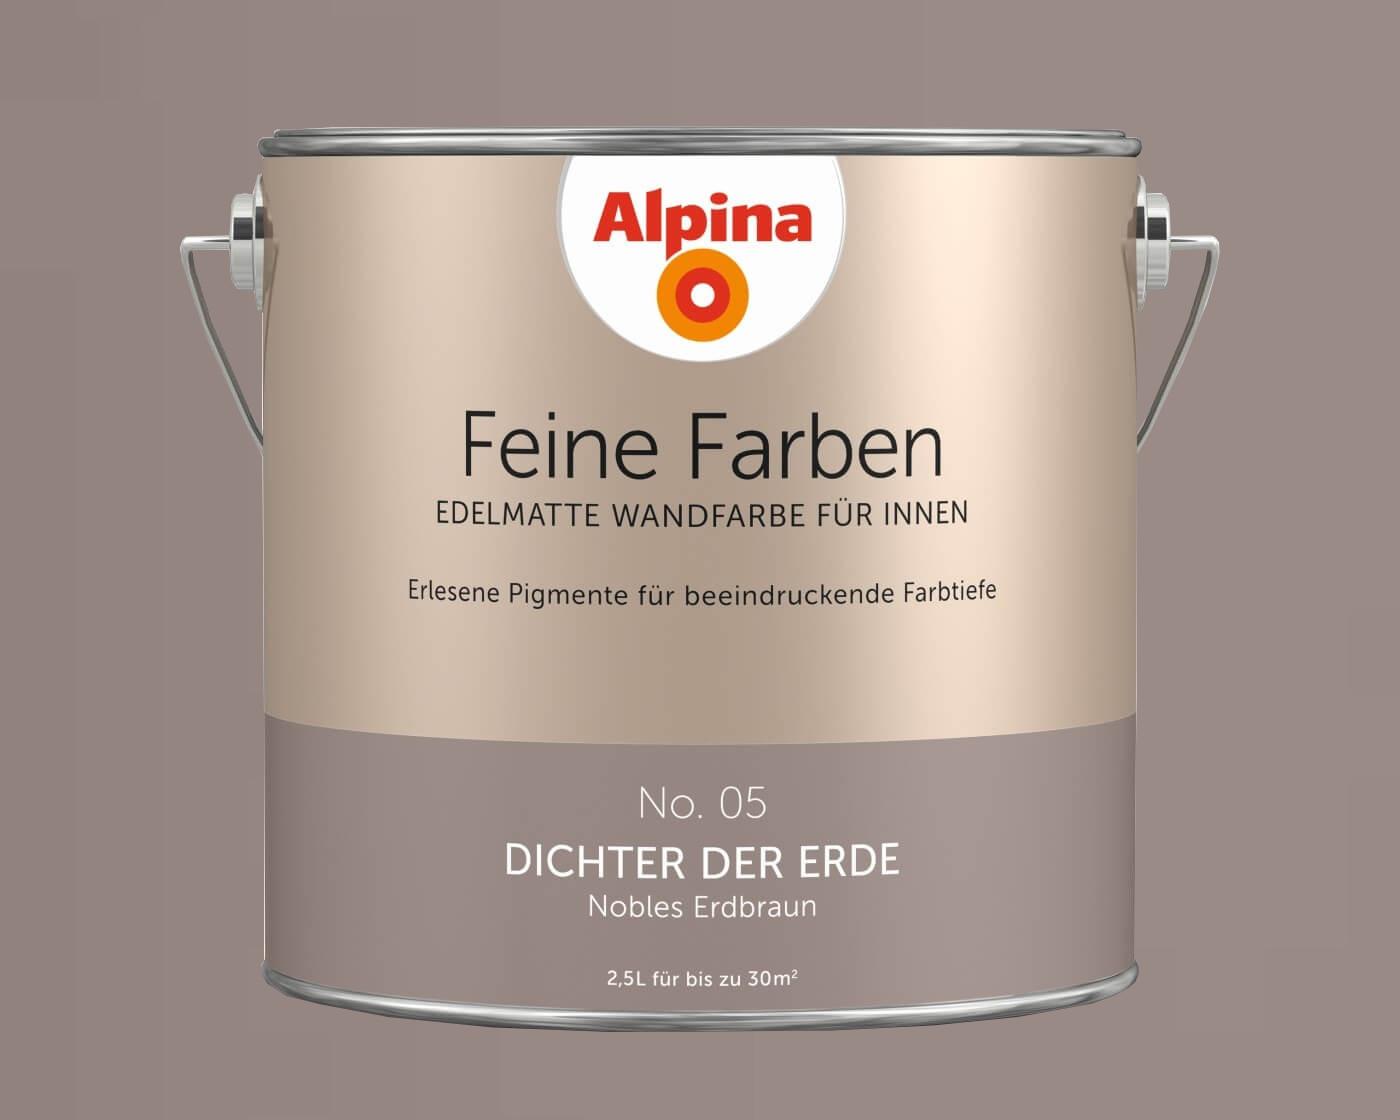 alpina feine farben edelmatte wandfarbe f r innen alle farbt ne 2 5l dose. Black Bedroom Furniture Sets. Home Design Ideas